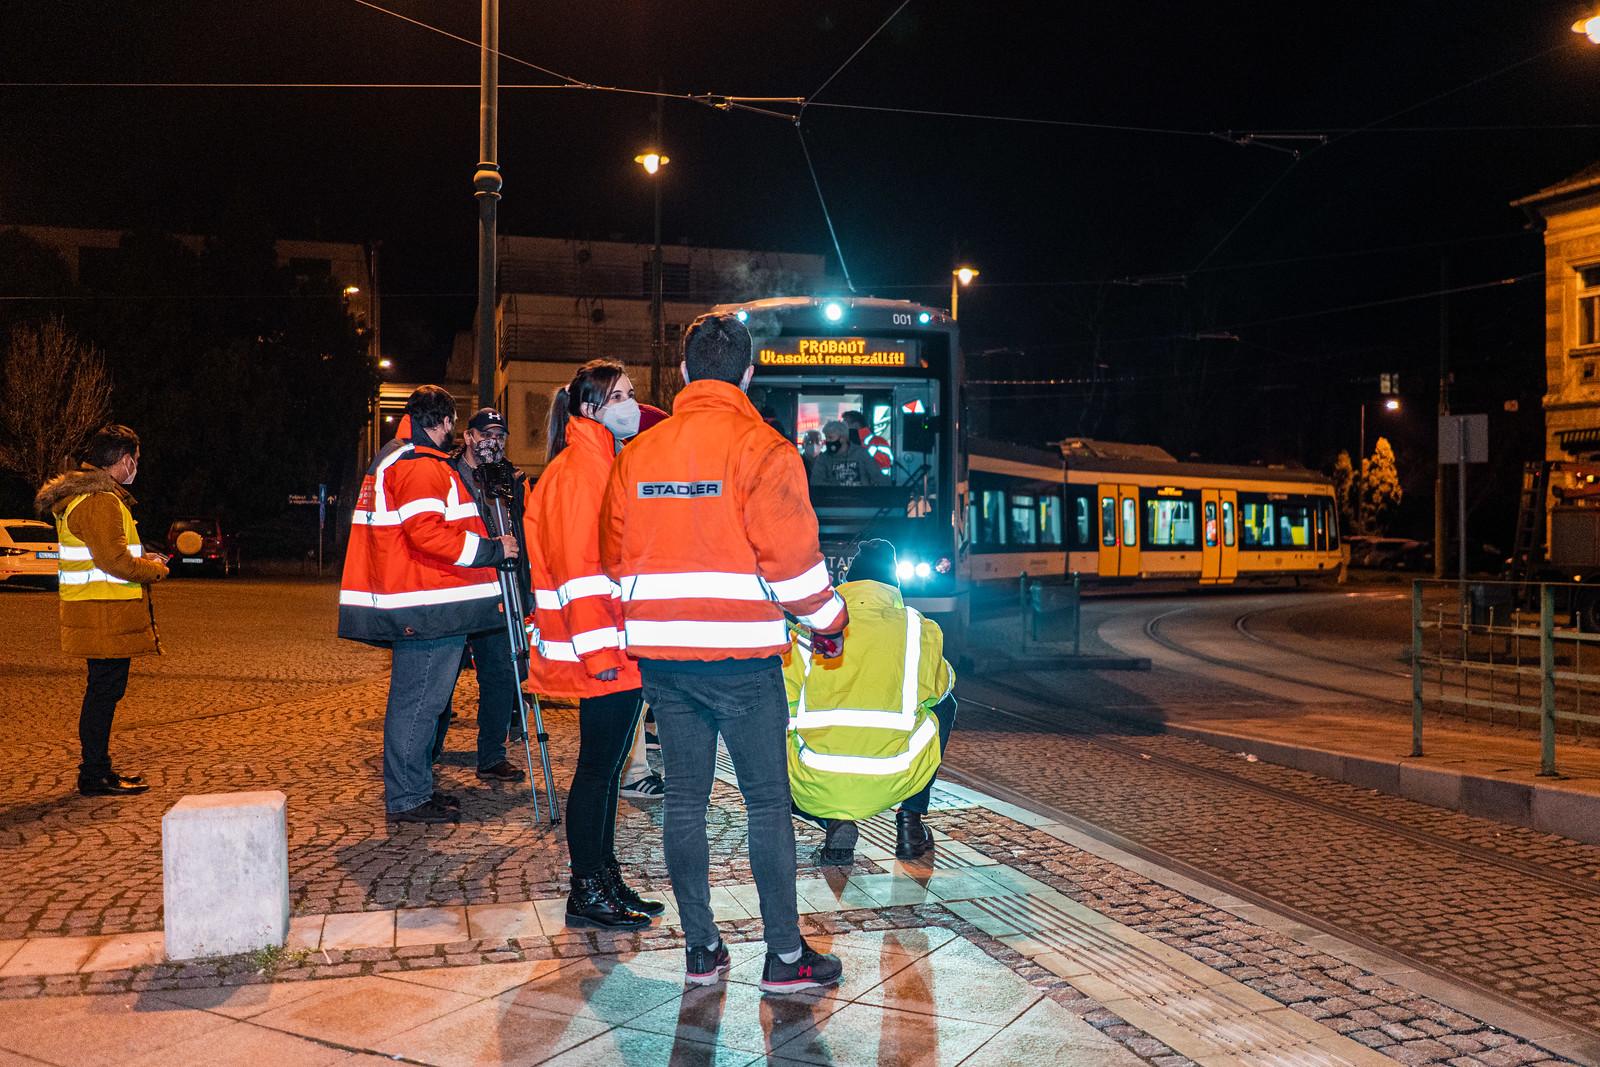 Három hónapot késik a tram-train átadása